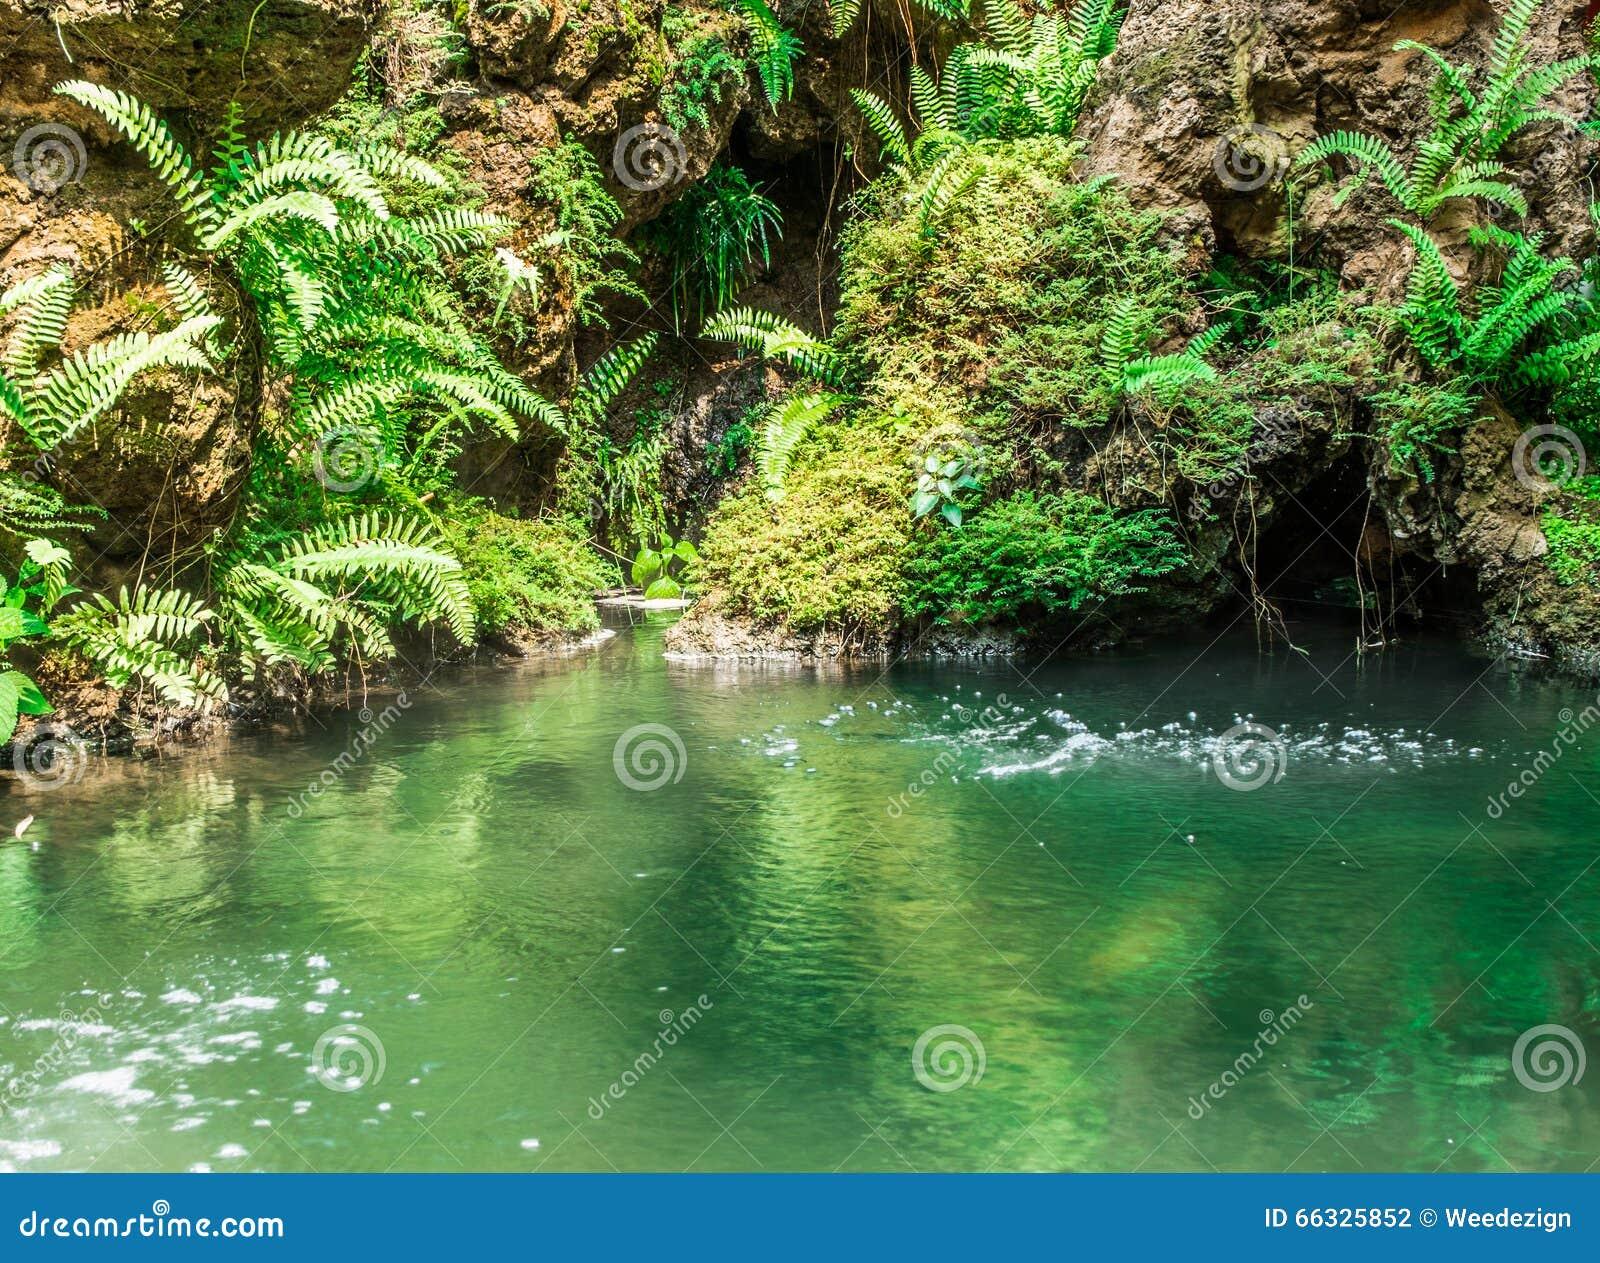 Wasserfall mit teich im garten stockfoto bild 66325852 - Wasserfall gartenteich ...